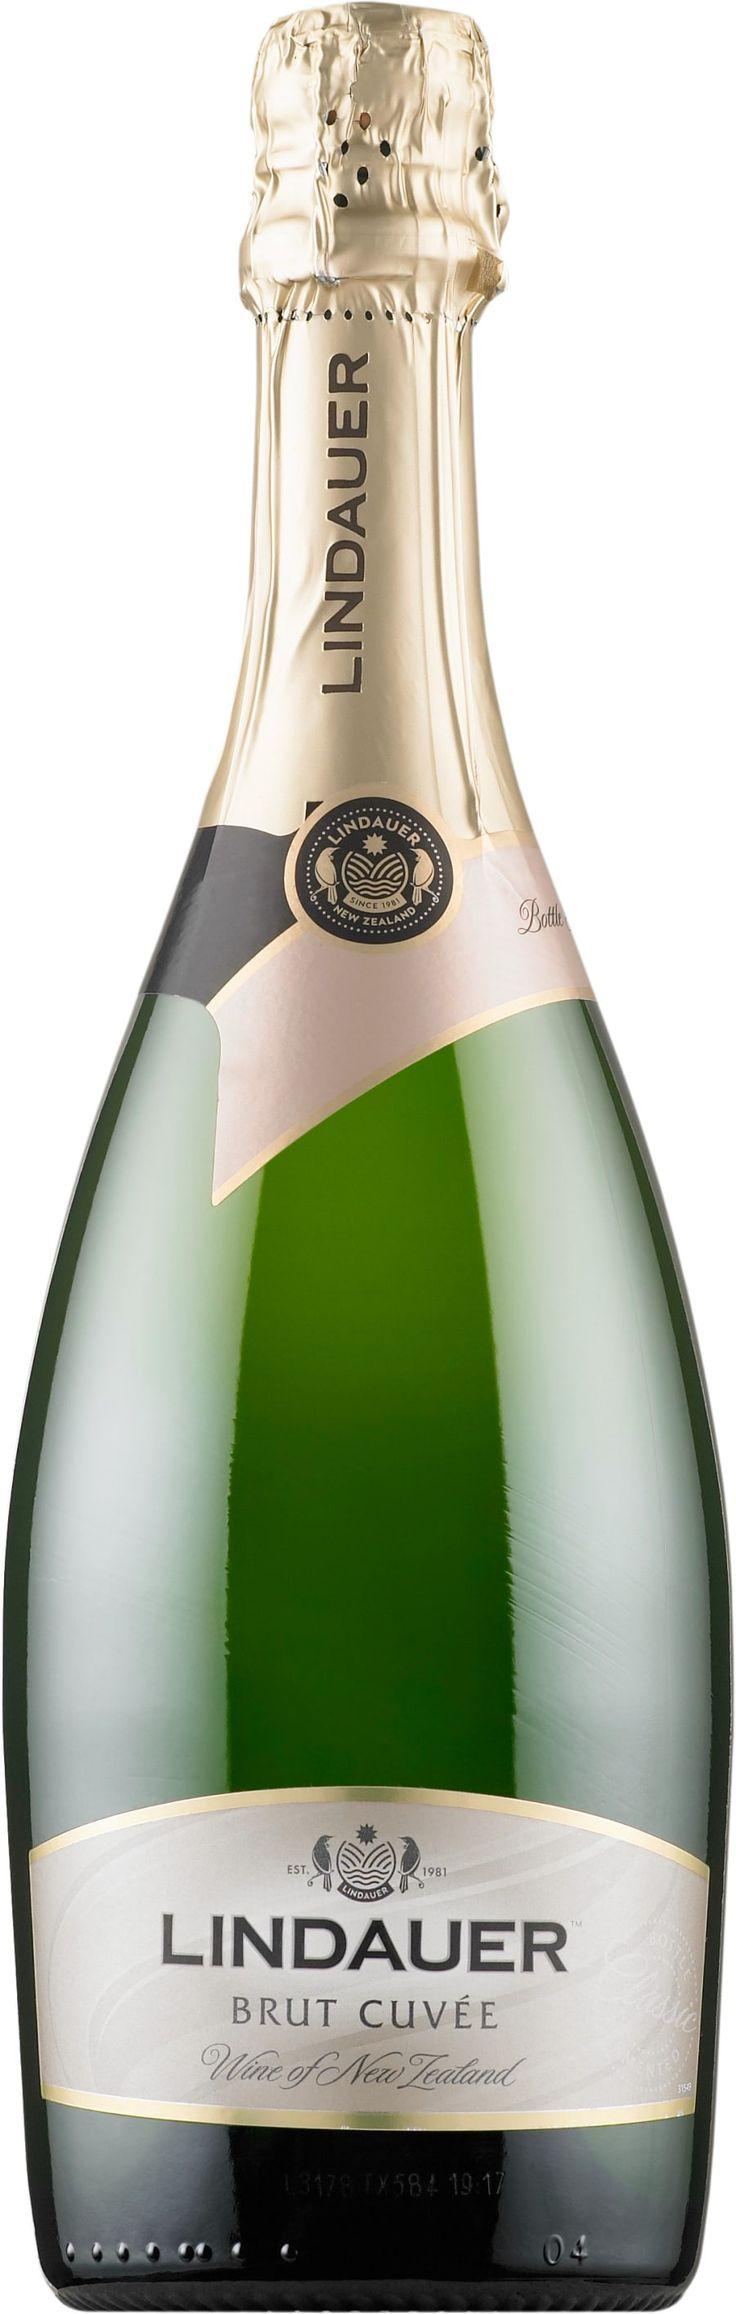 Lindauer Cuvée Brut. New Zealand: Chardonnay, Pinot Noir. 12,95 €. Erittäin kuiva, hapokas, kypsän sitruksinen, hennon karviaismainen, mineraalinen, kevyen paahteinen